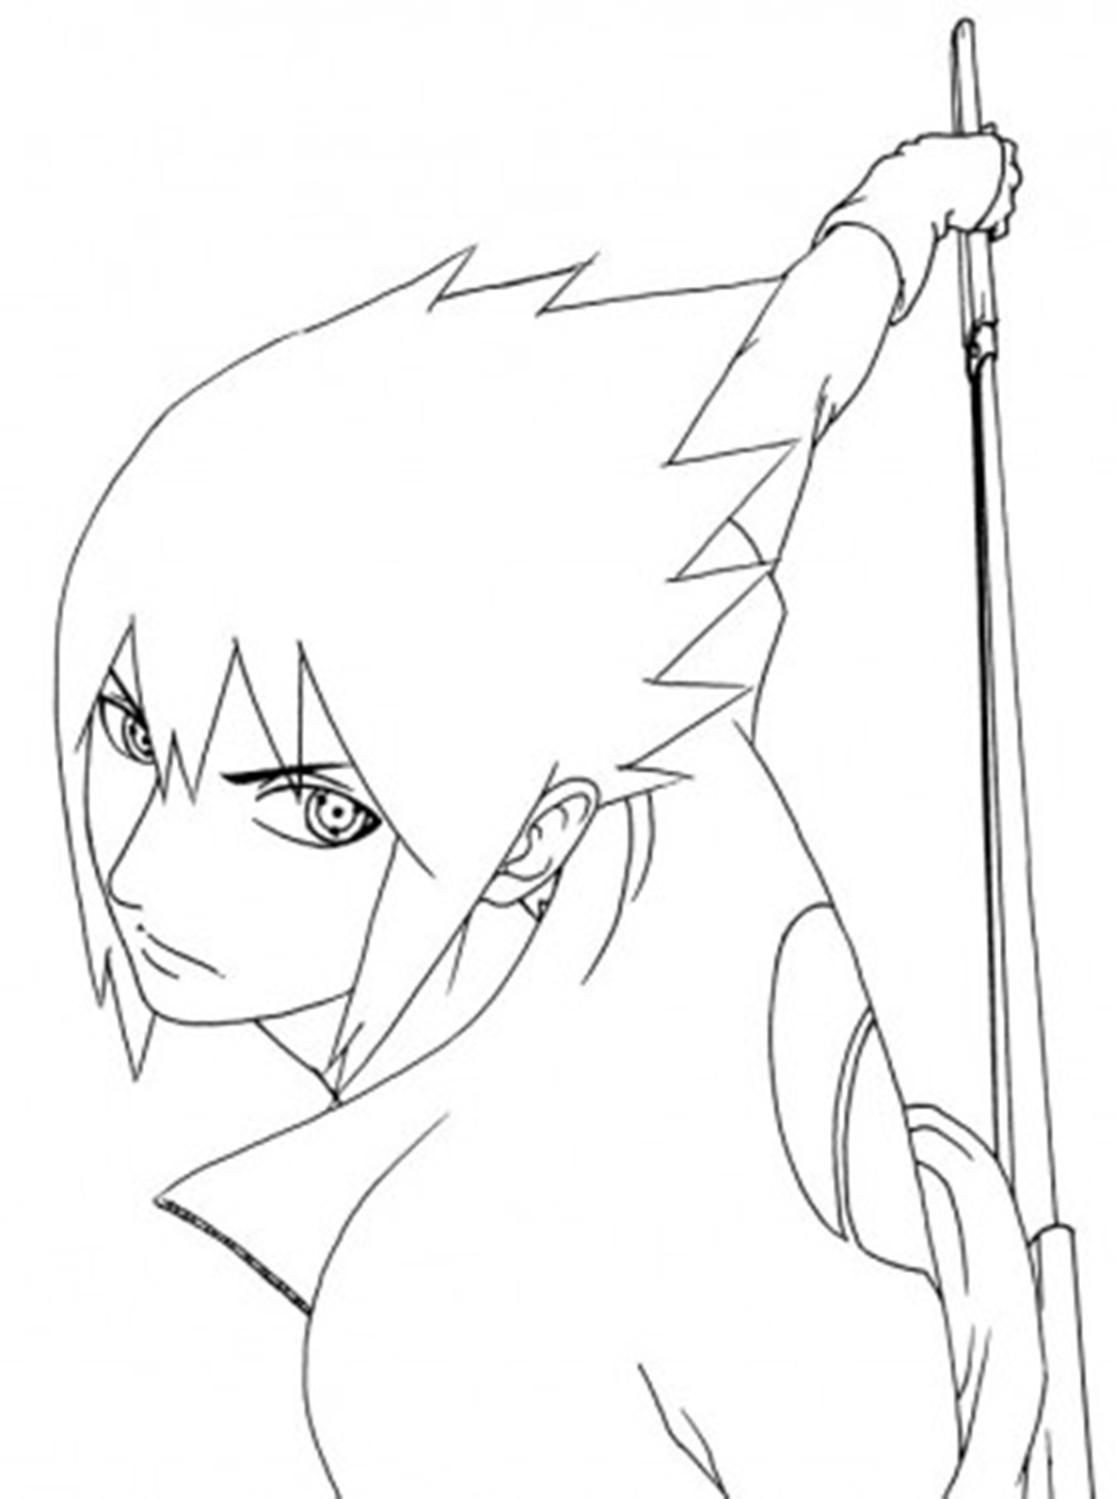 Naruto And Sasuke Coloring Pages - Bltidm